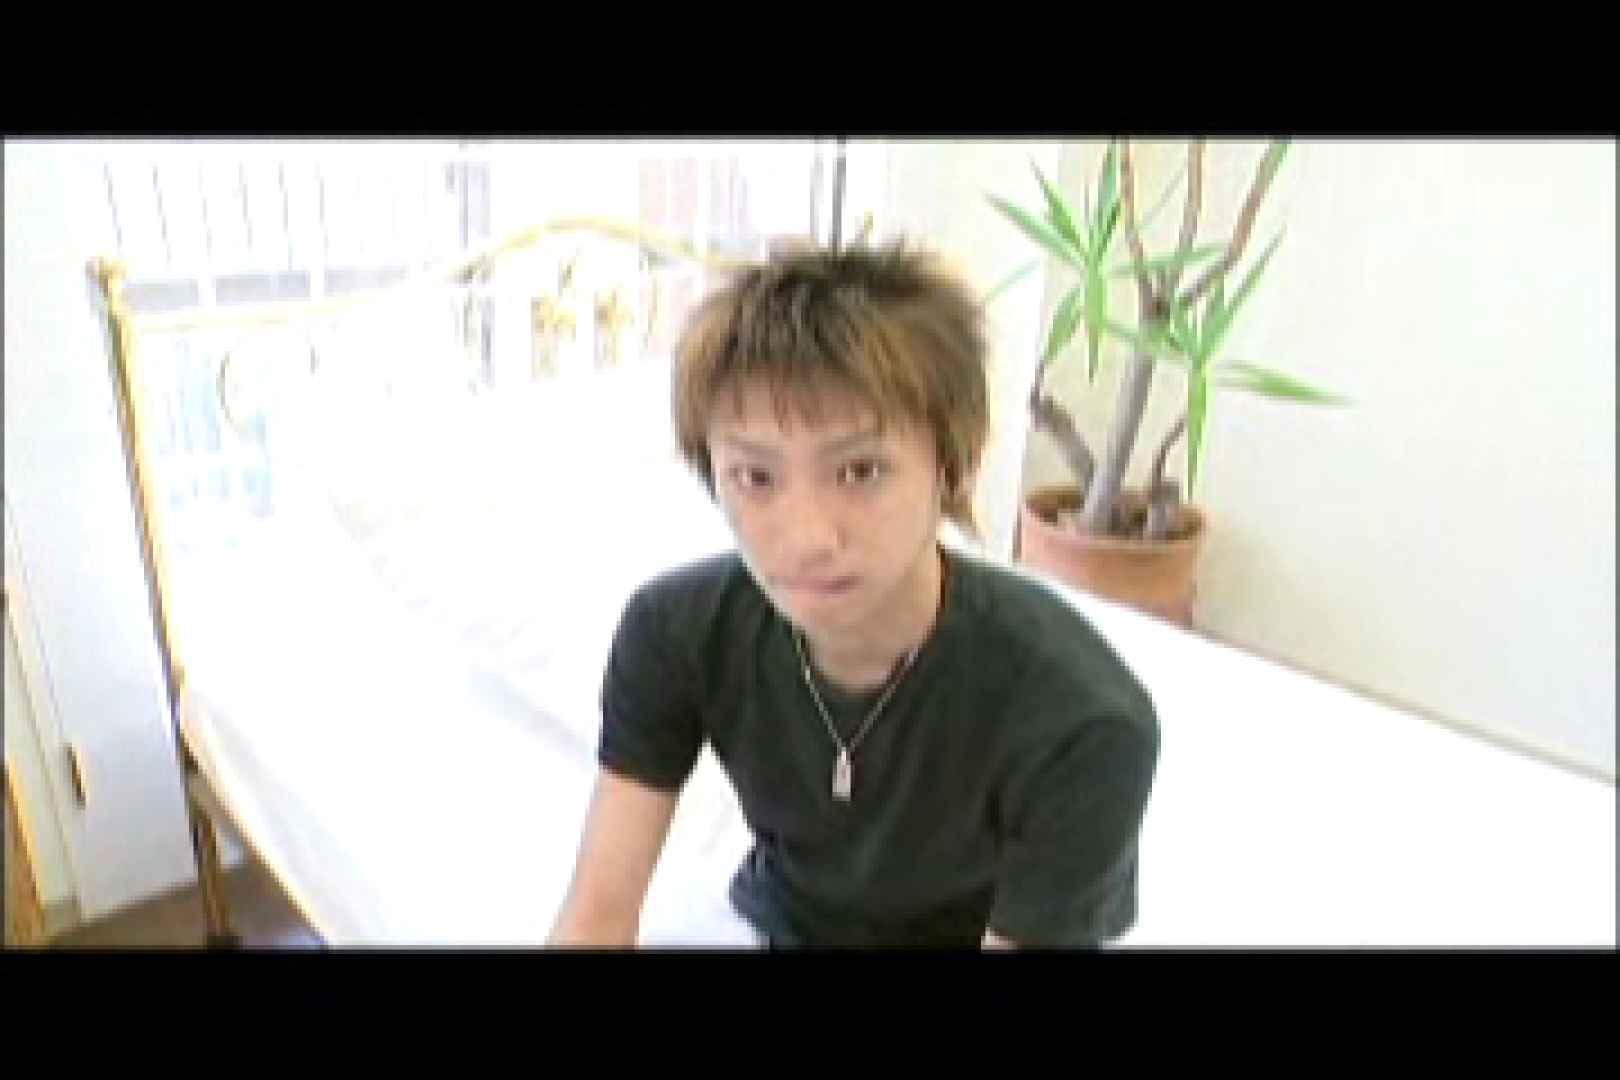 イケメン☆パラダイス〜男ざかりの君たちへ〜vol.16 ケツマン ゲイエロビデオ画像 79枚 3